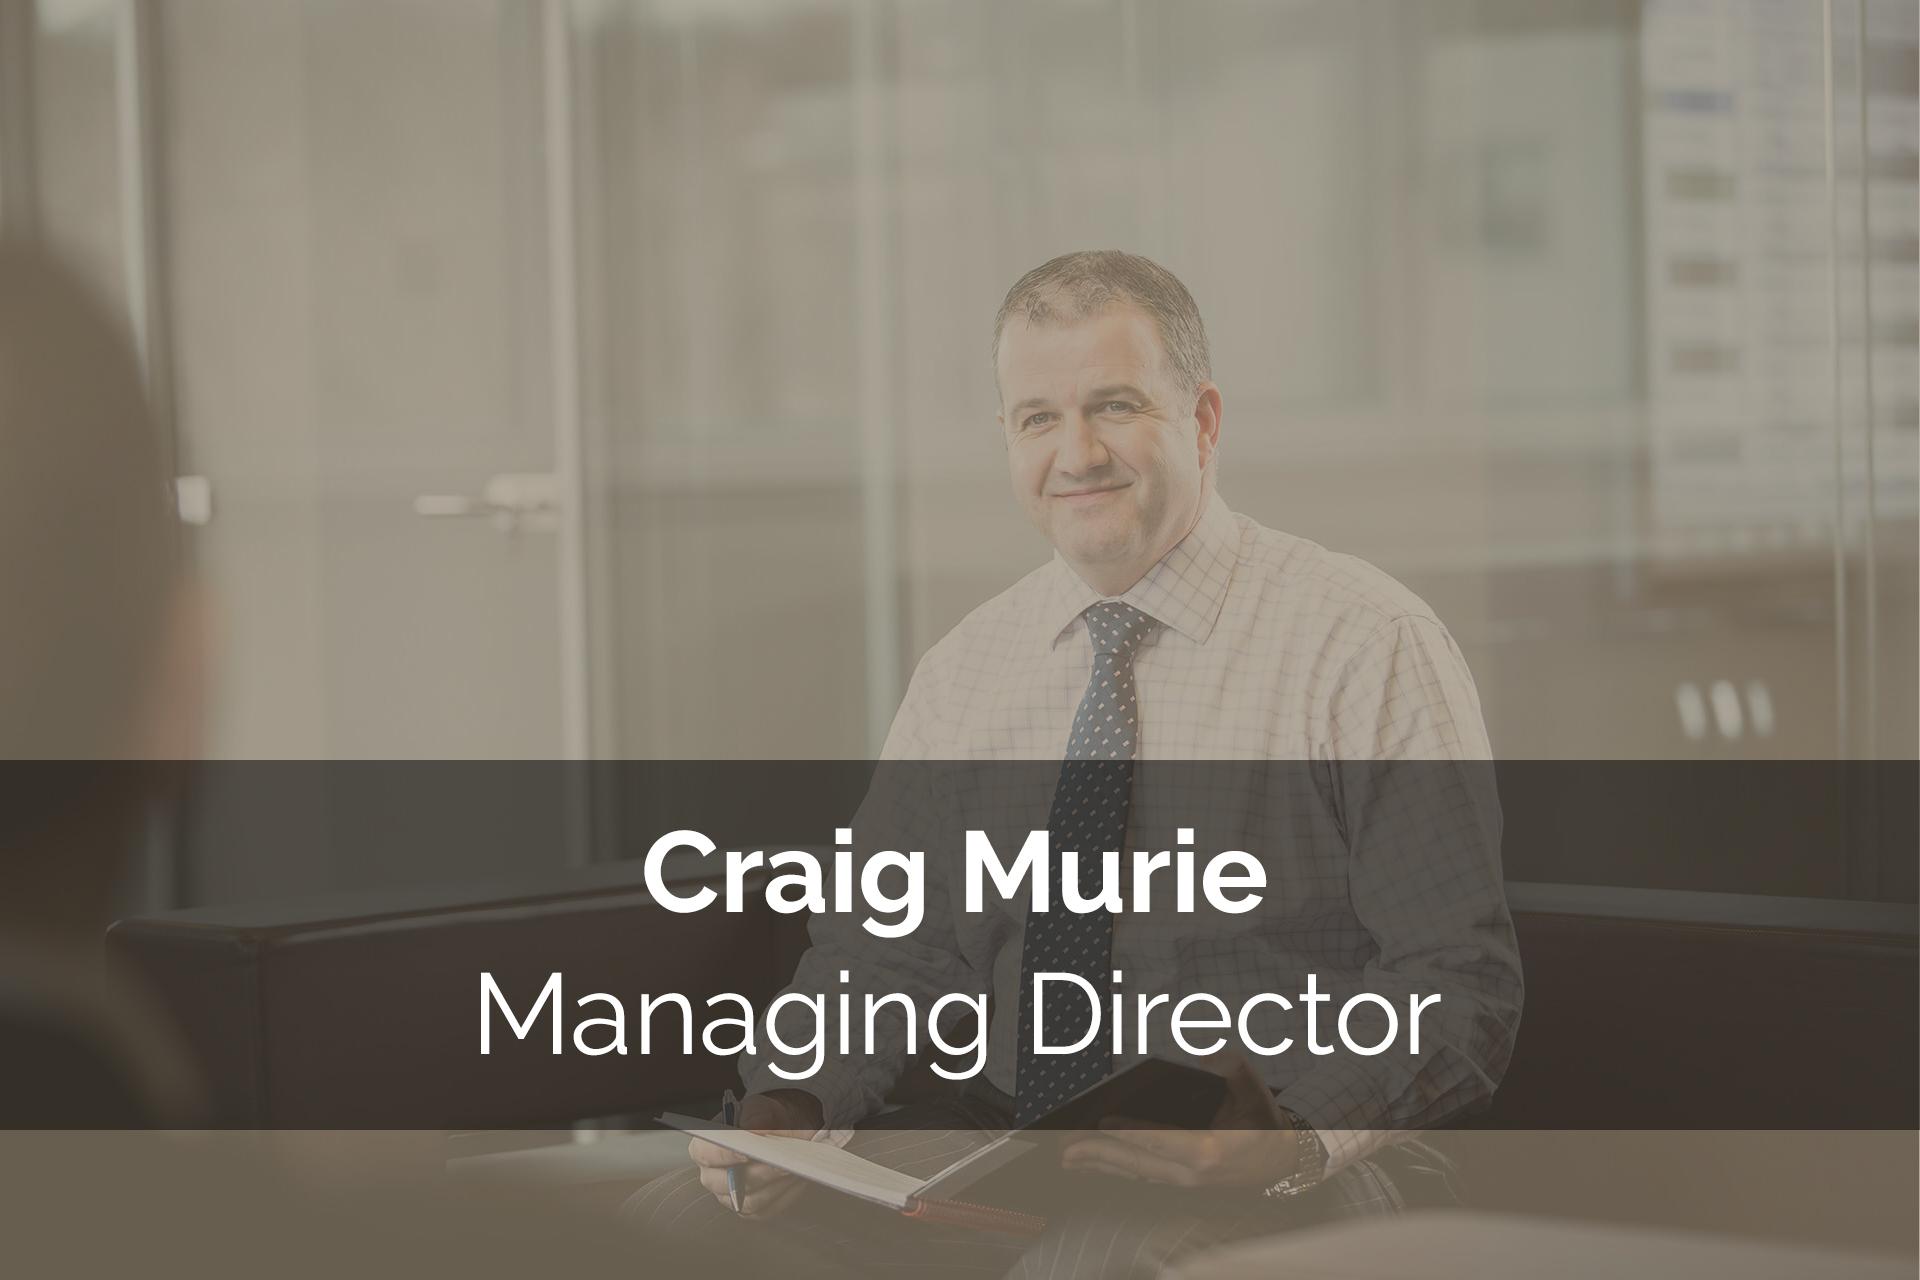 Craig Murie